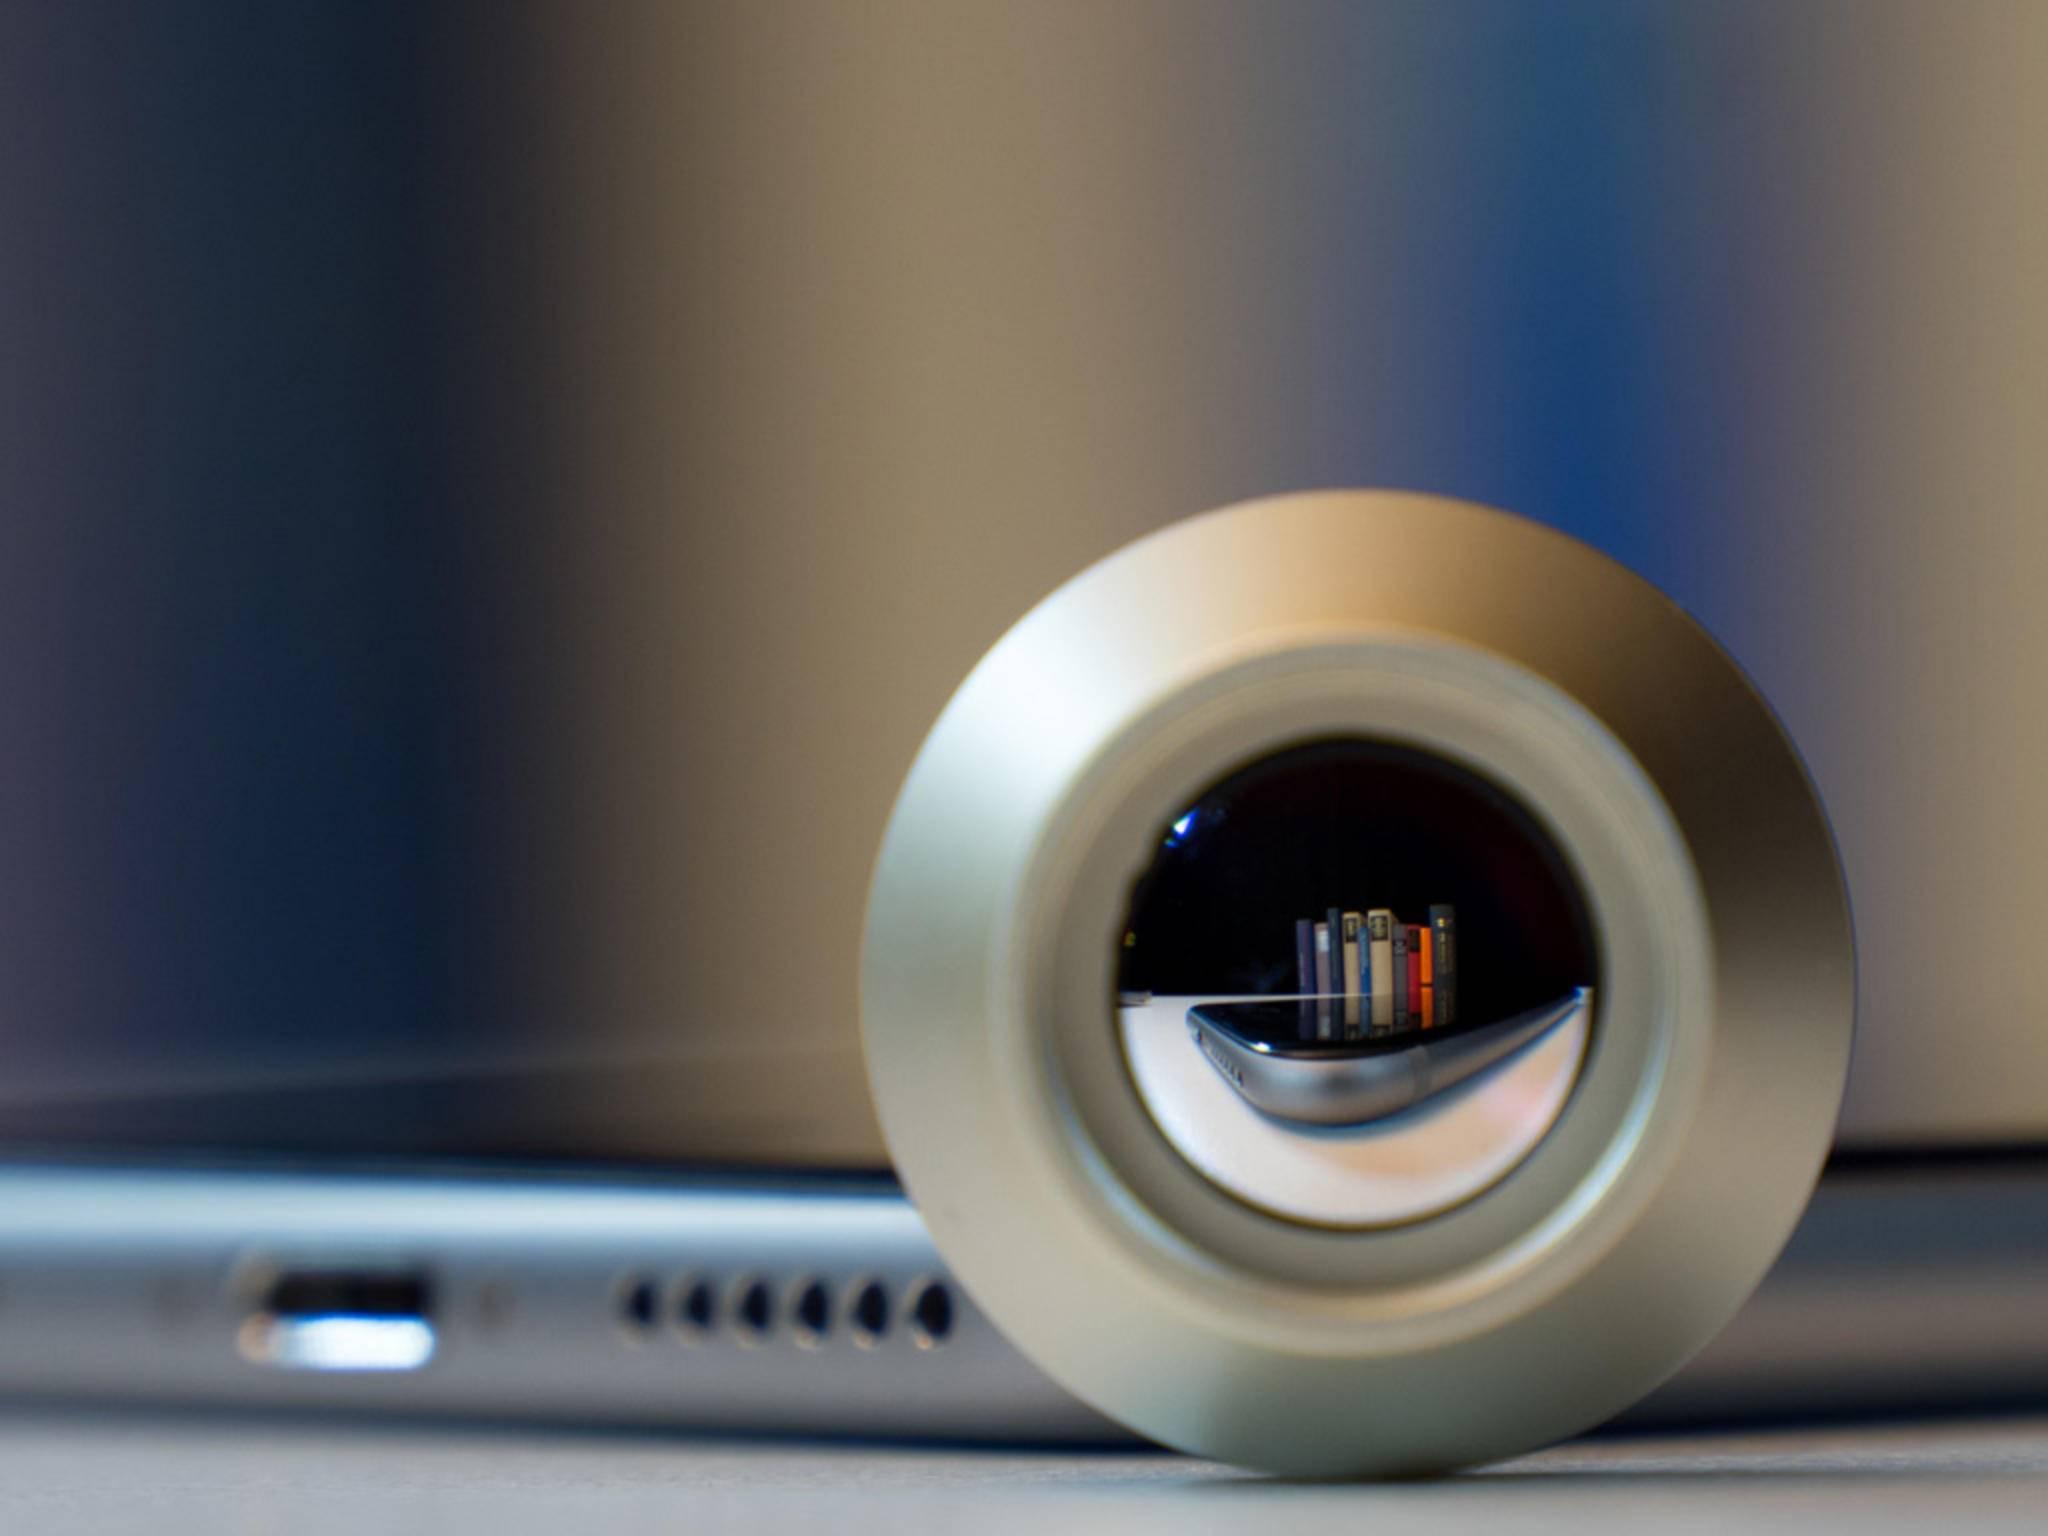 Der Olloclip holt noch mehr aus Deiner iPhone-Kamera raus.